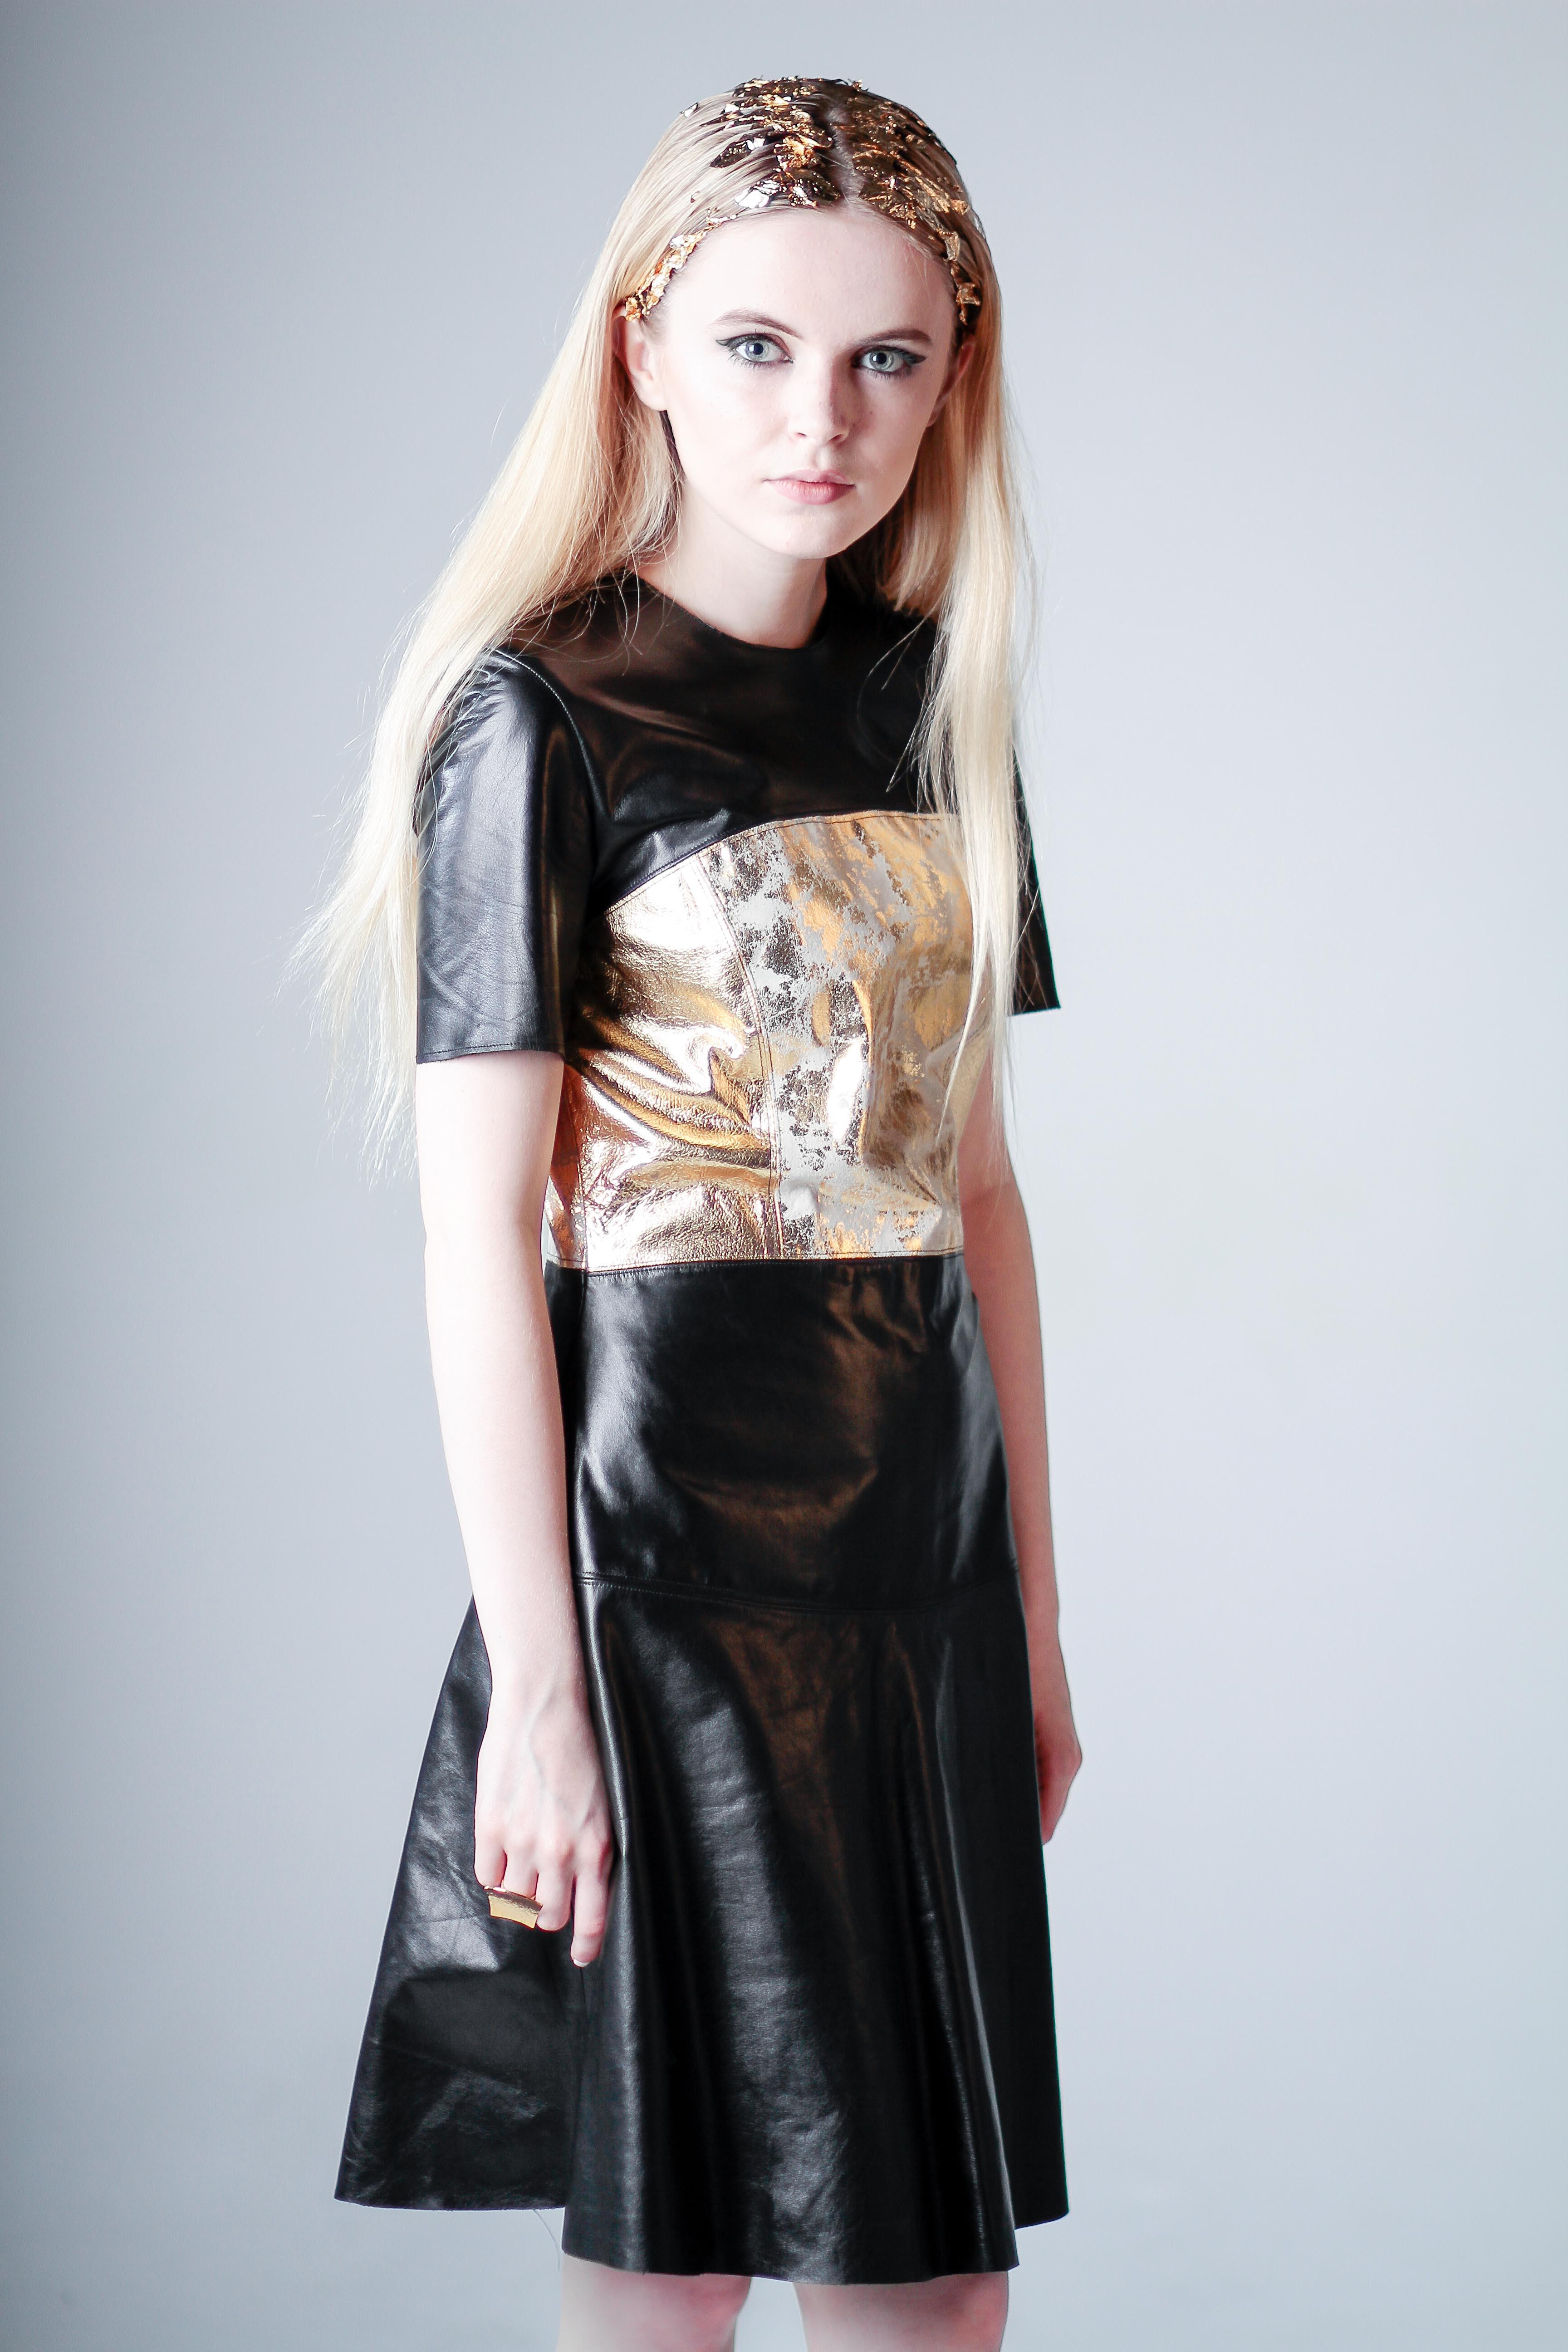 Designer: Sara-Wyn Watkins